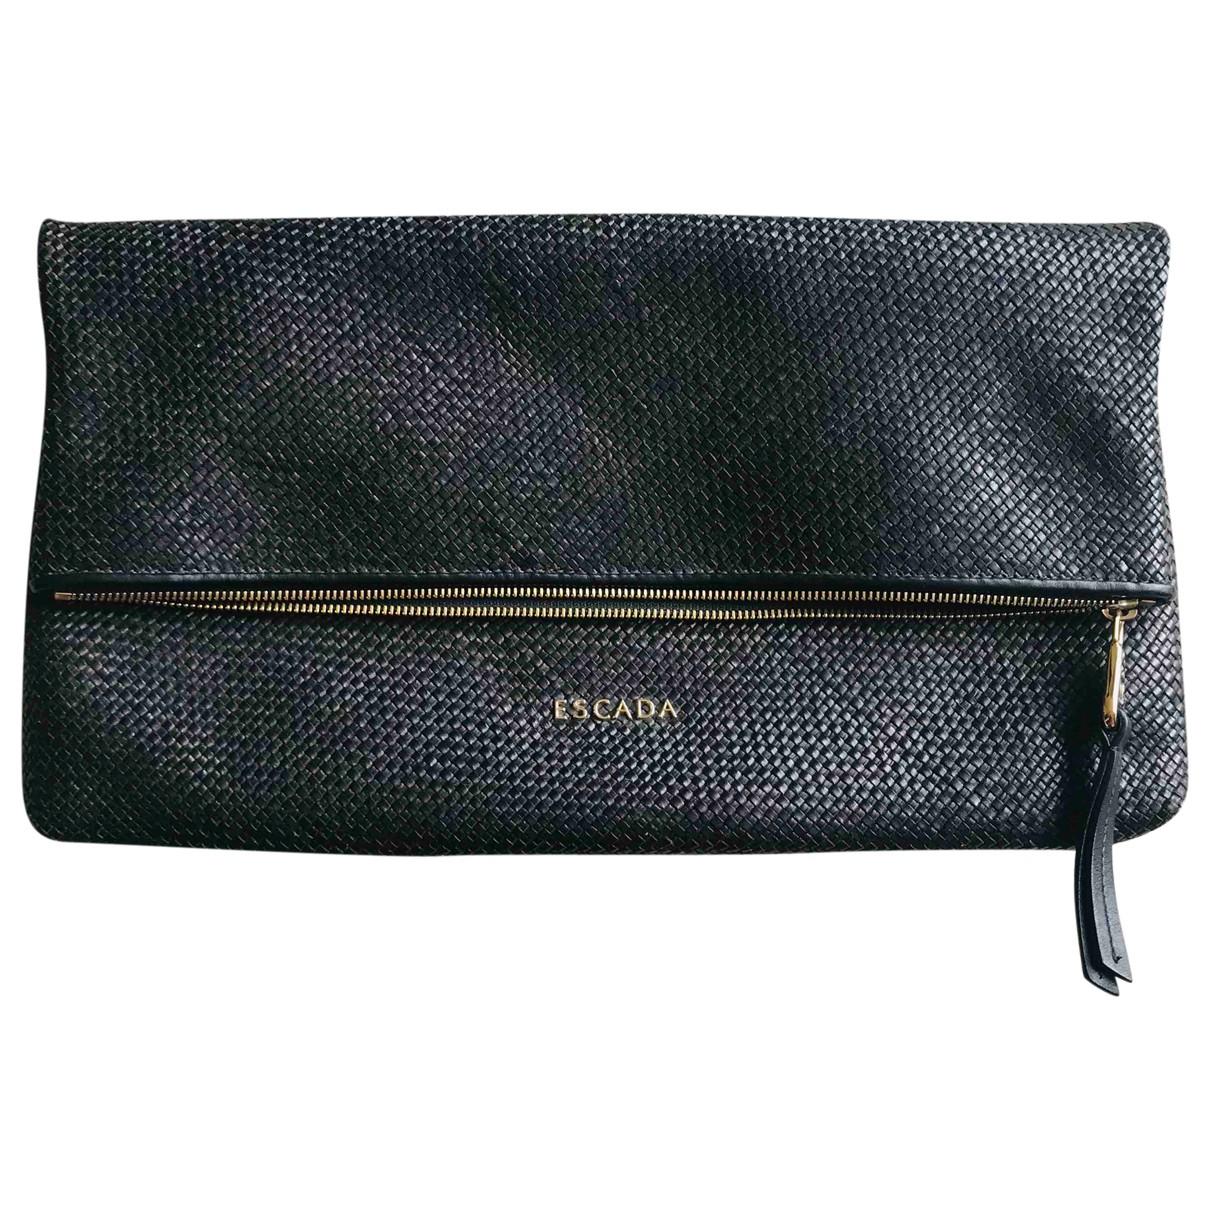 Escada \N Black Leather Clutch bag for Women \N